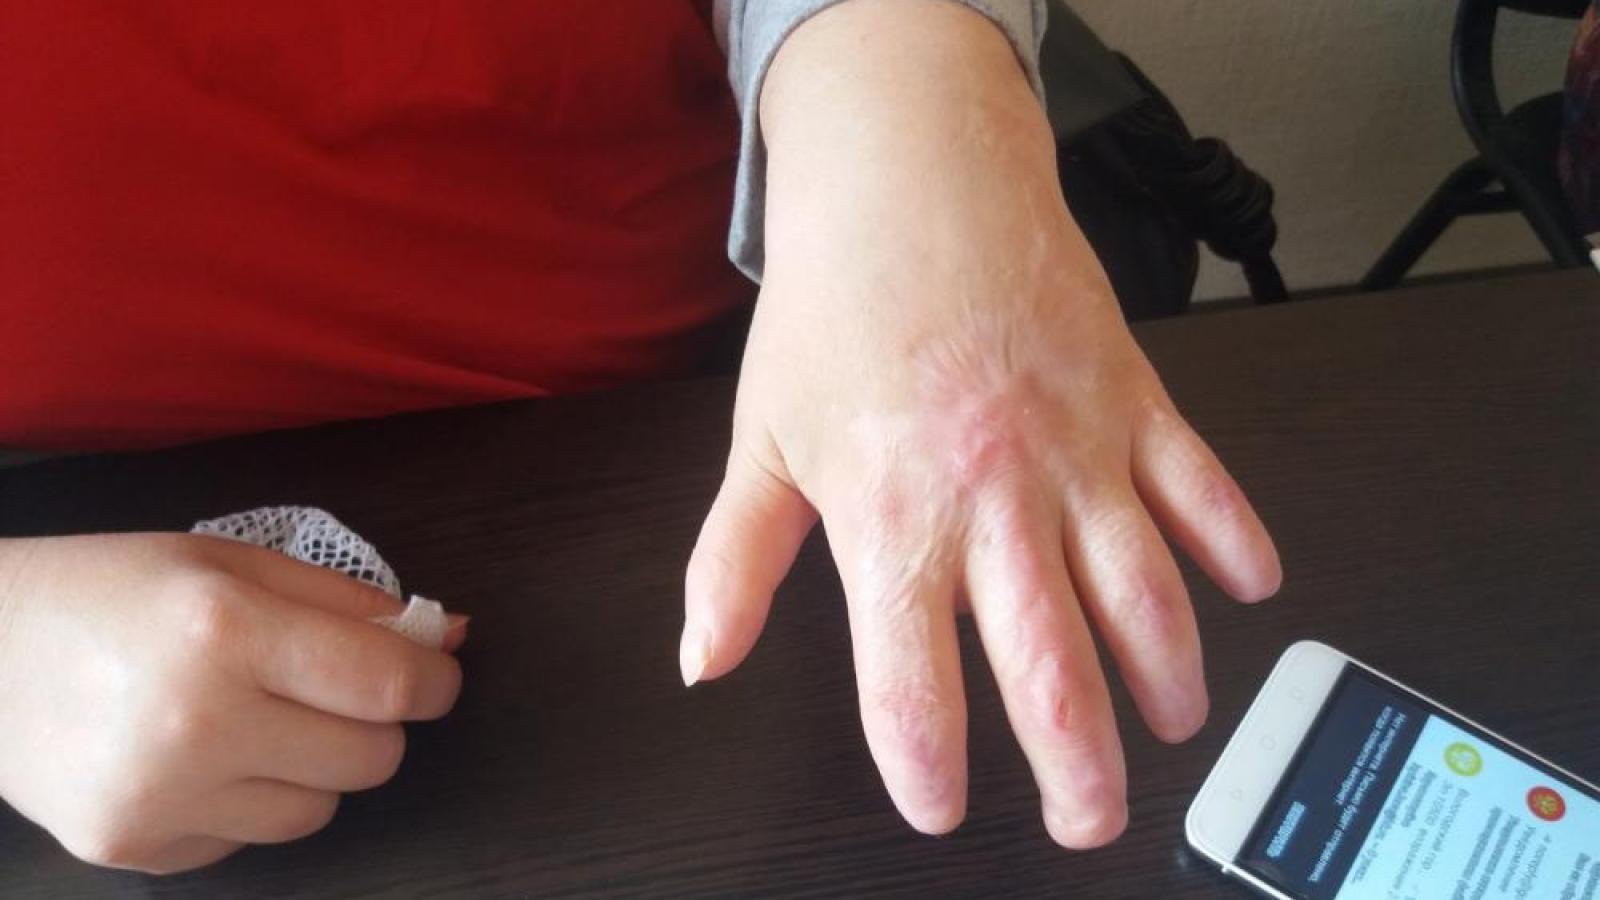 Операция по удалению аппендицита привела к ампутации фаланг пальцев